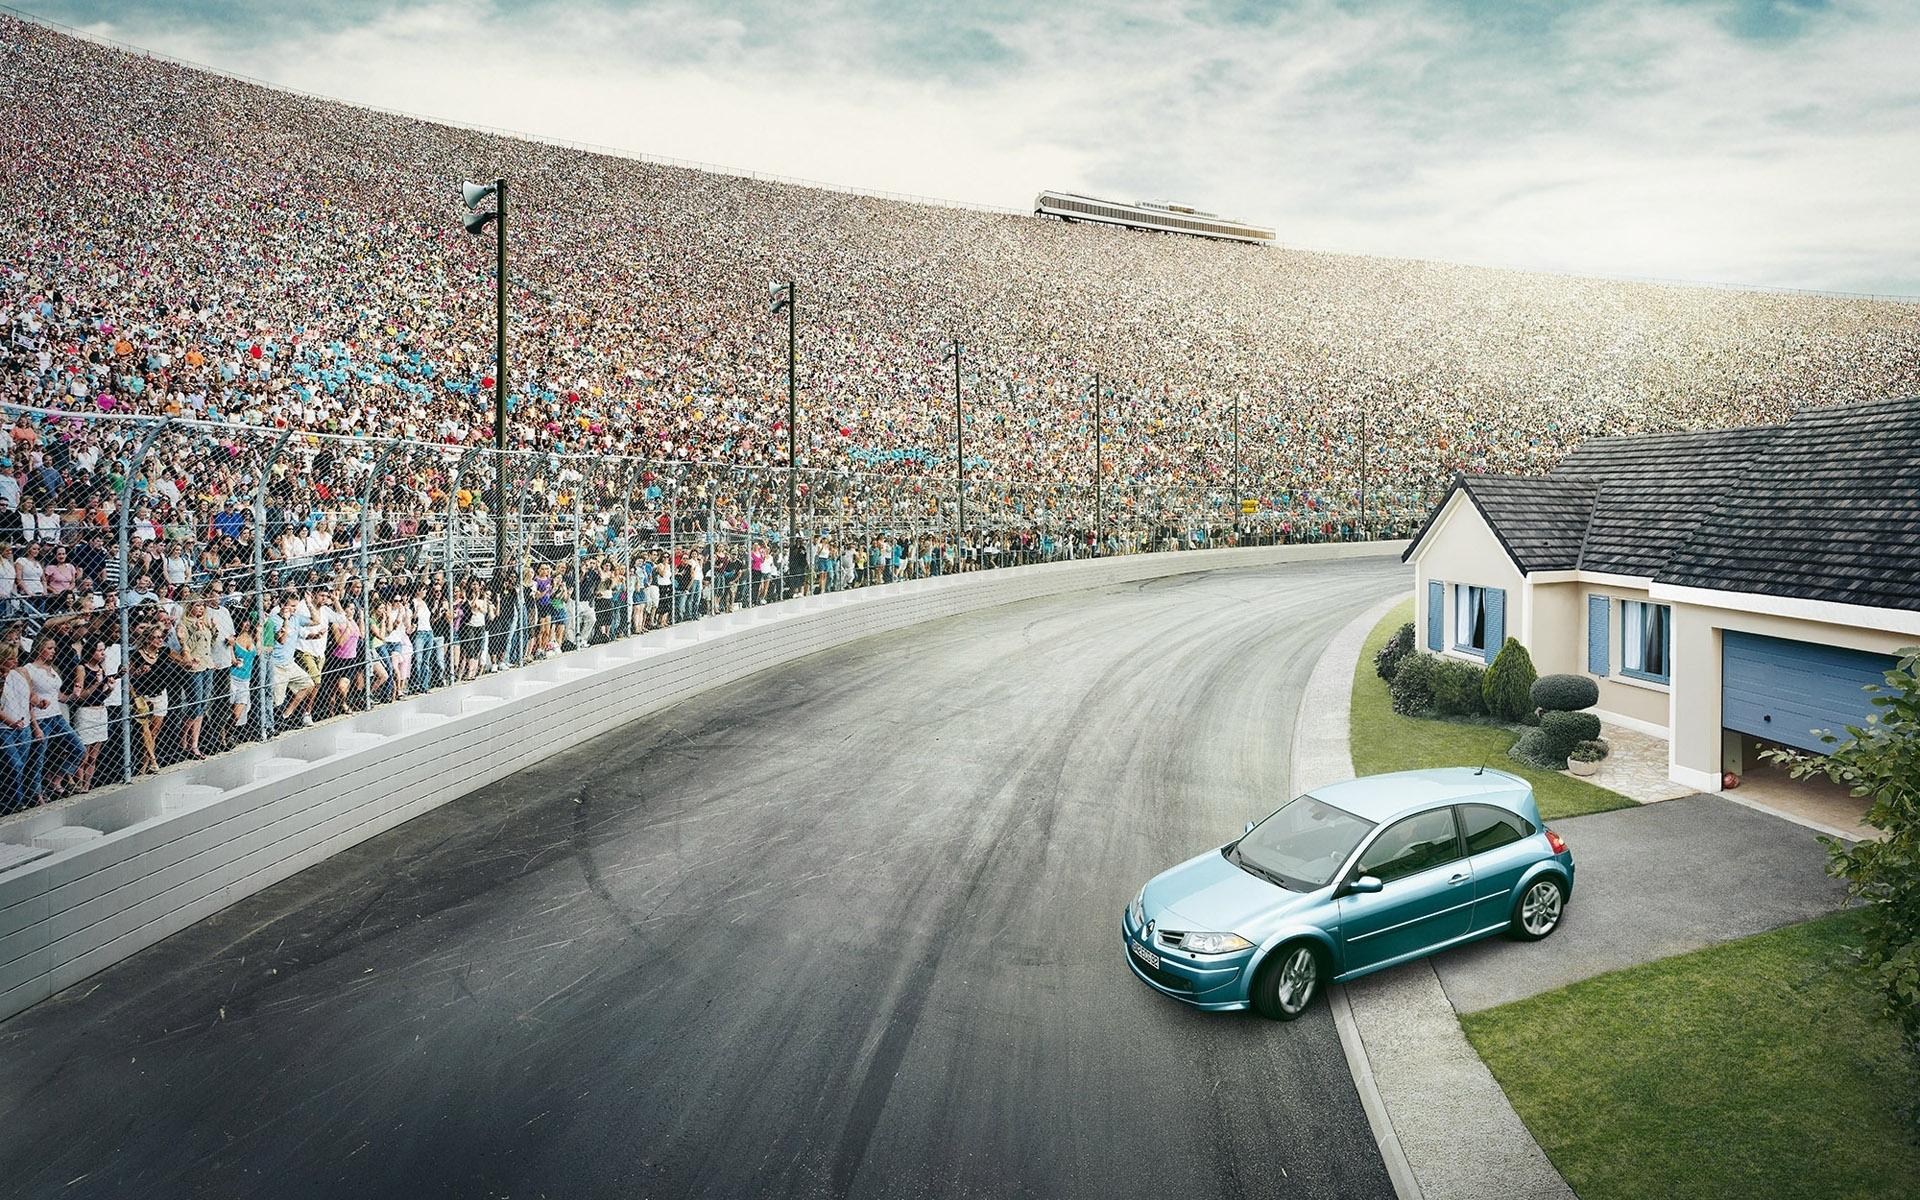 25252 Hintergrundbild herunterladen Transport, Auto, Renault - Bildschirmschoner und Bilder kostenlos